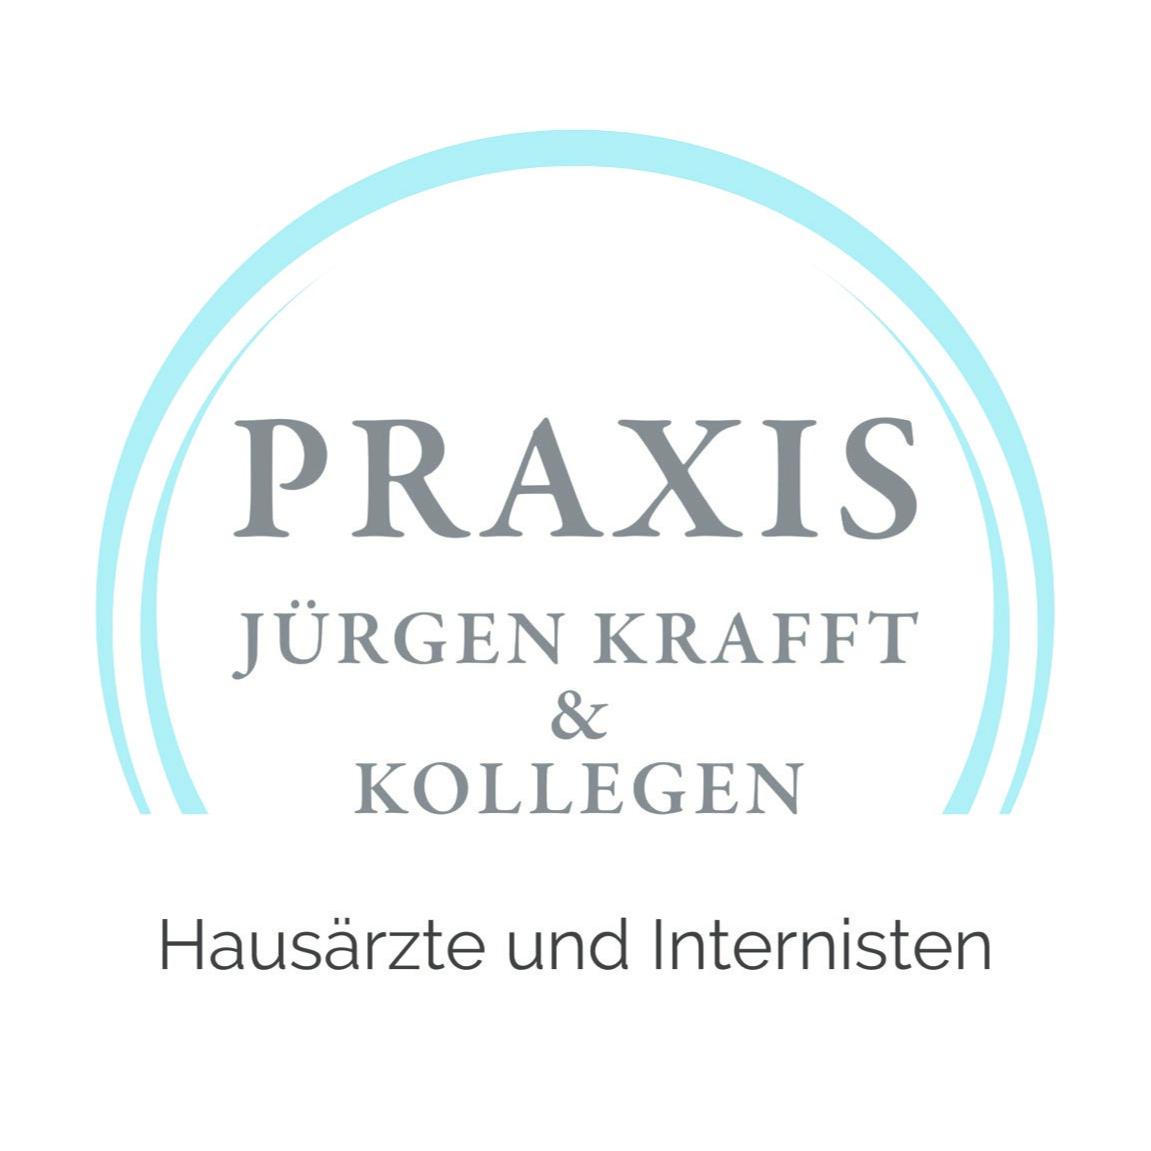 Bild zu Praxis Jürgen Krafft & Kollegen Hausarzt - Internist in Zirndorf